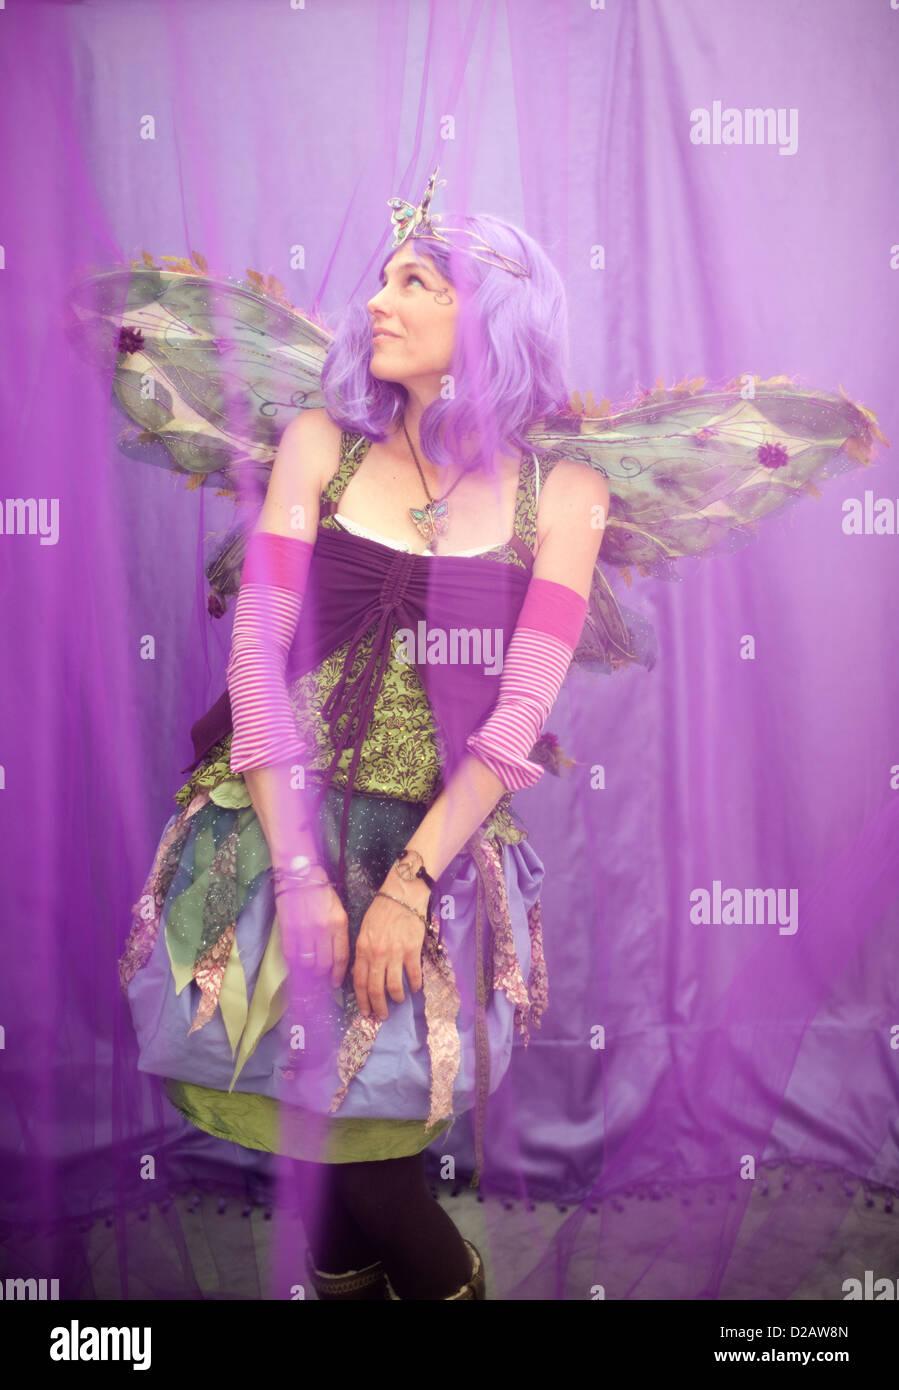 Femme Fée dans son rêve pourpre. Photo Stock